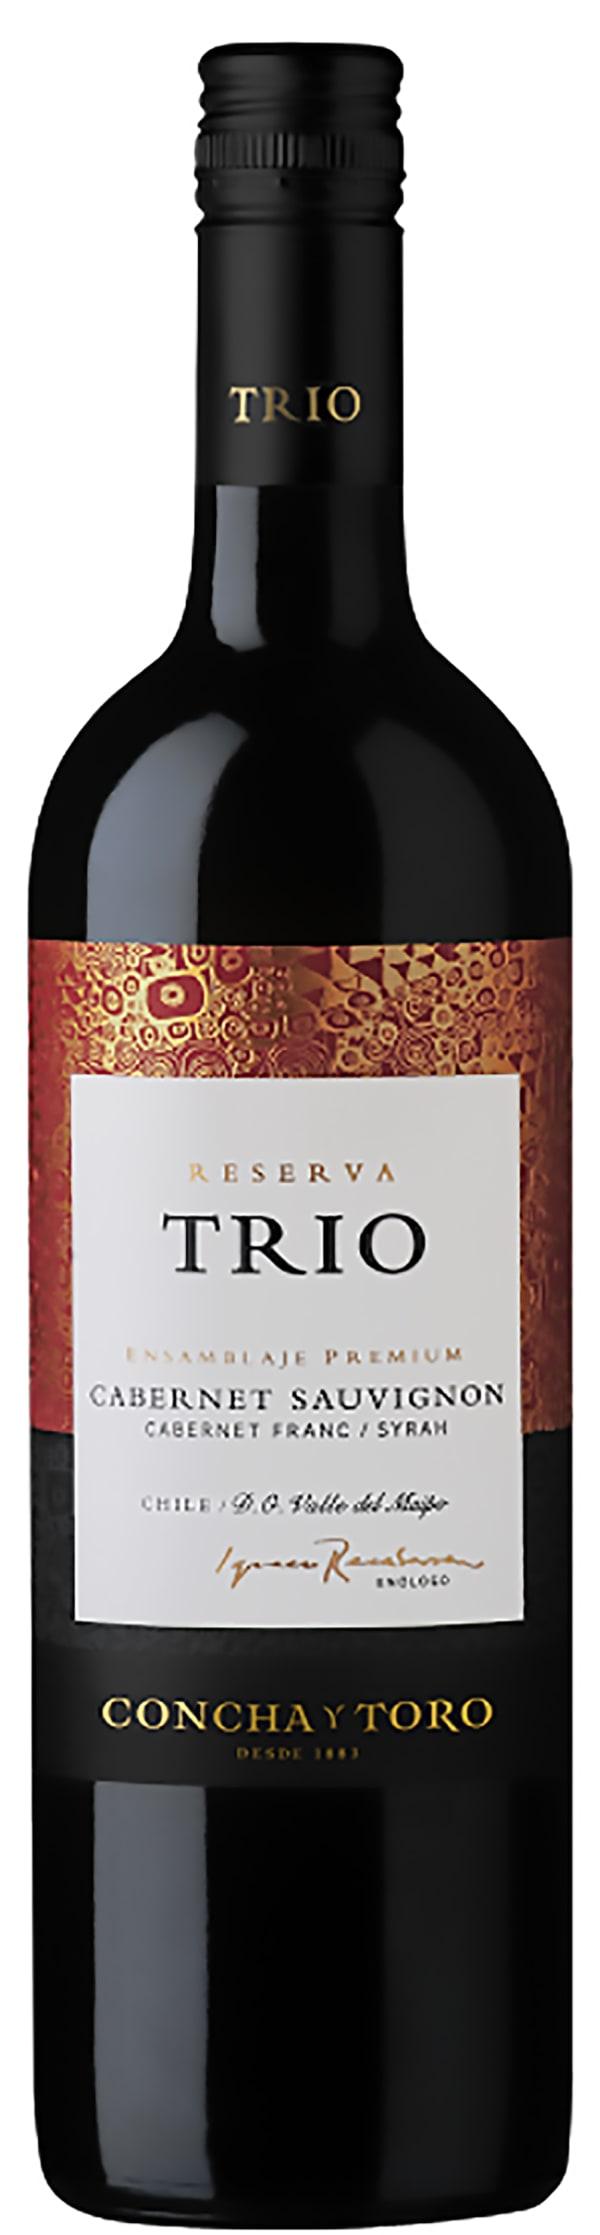 Trio Cabernet Sauvignon Cabernet Franc Syrah 2016